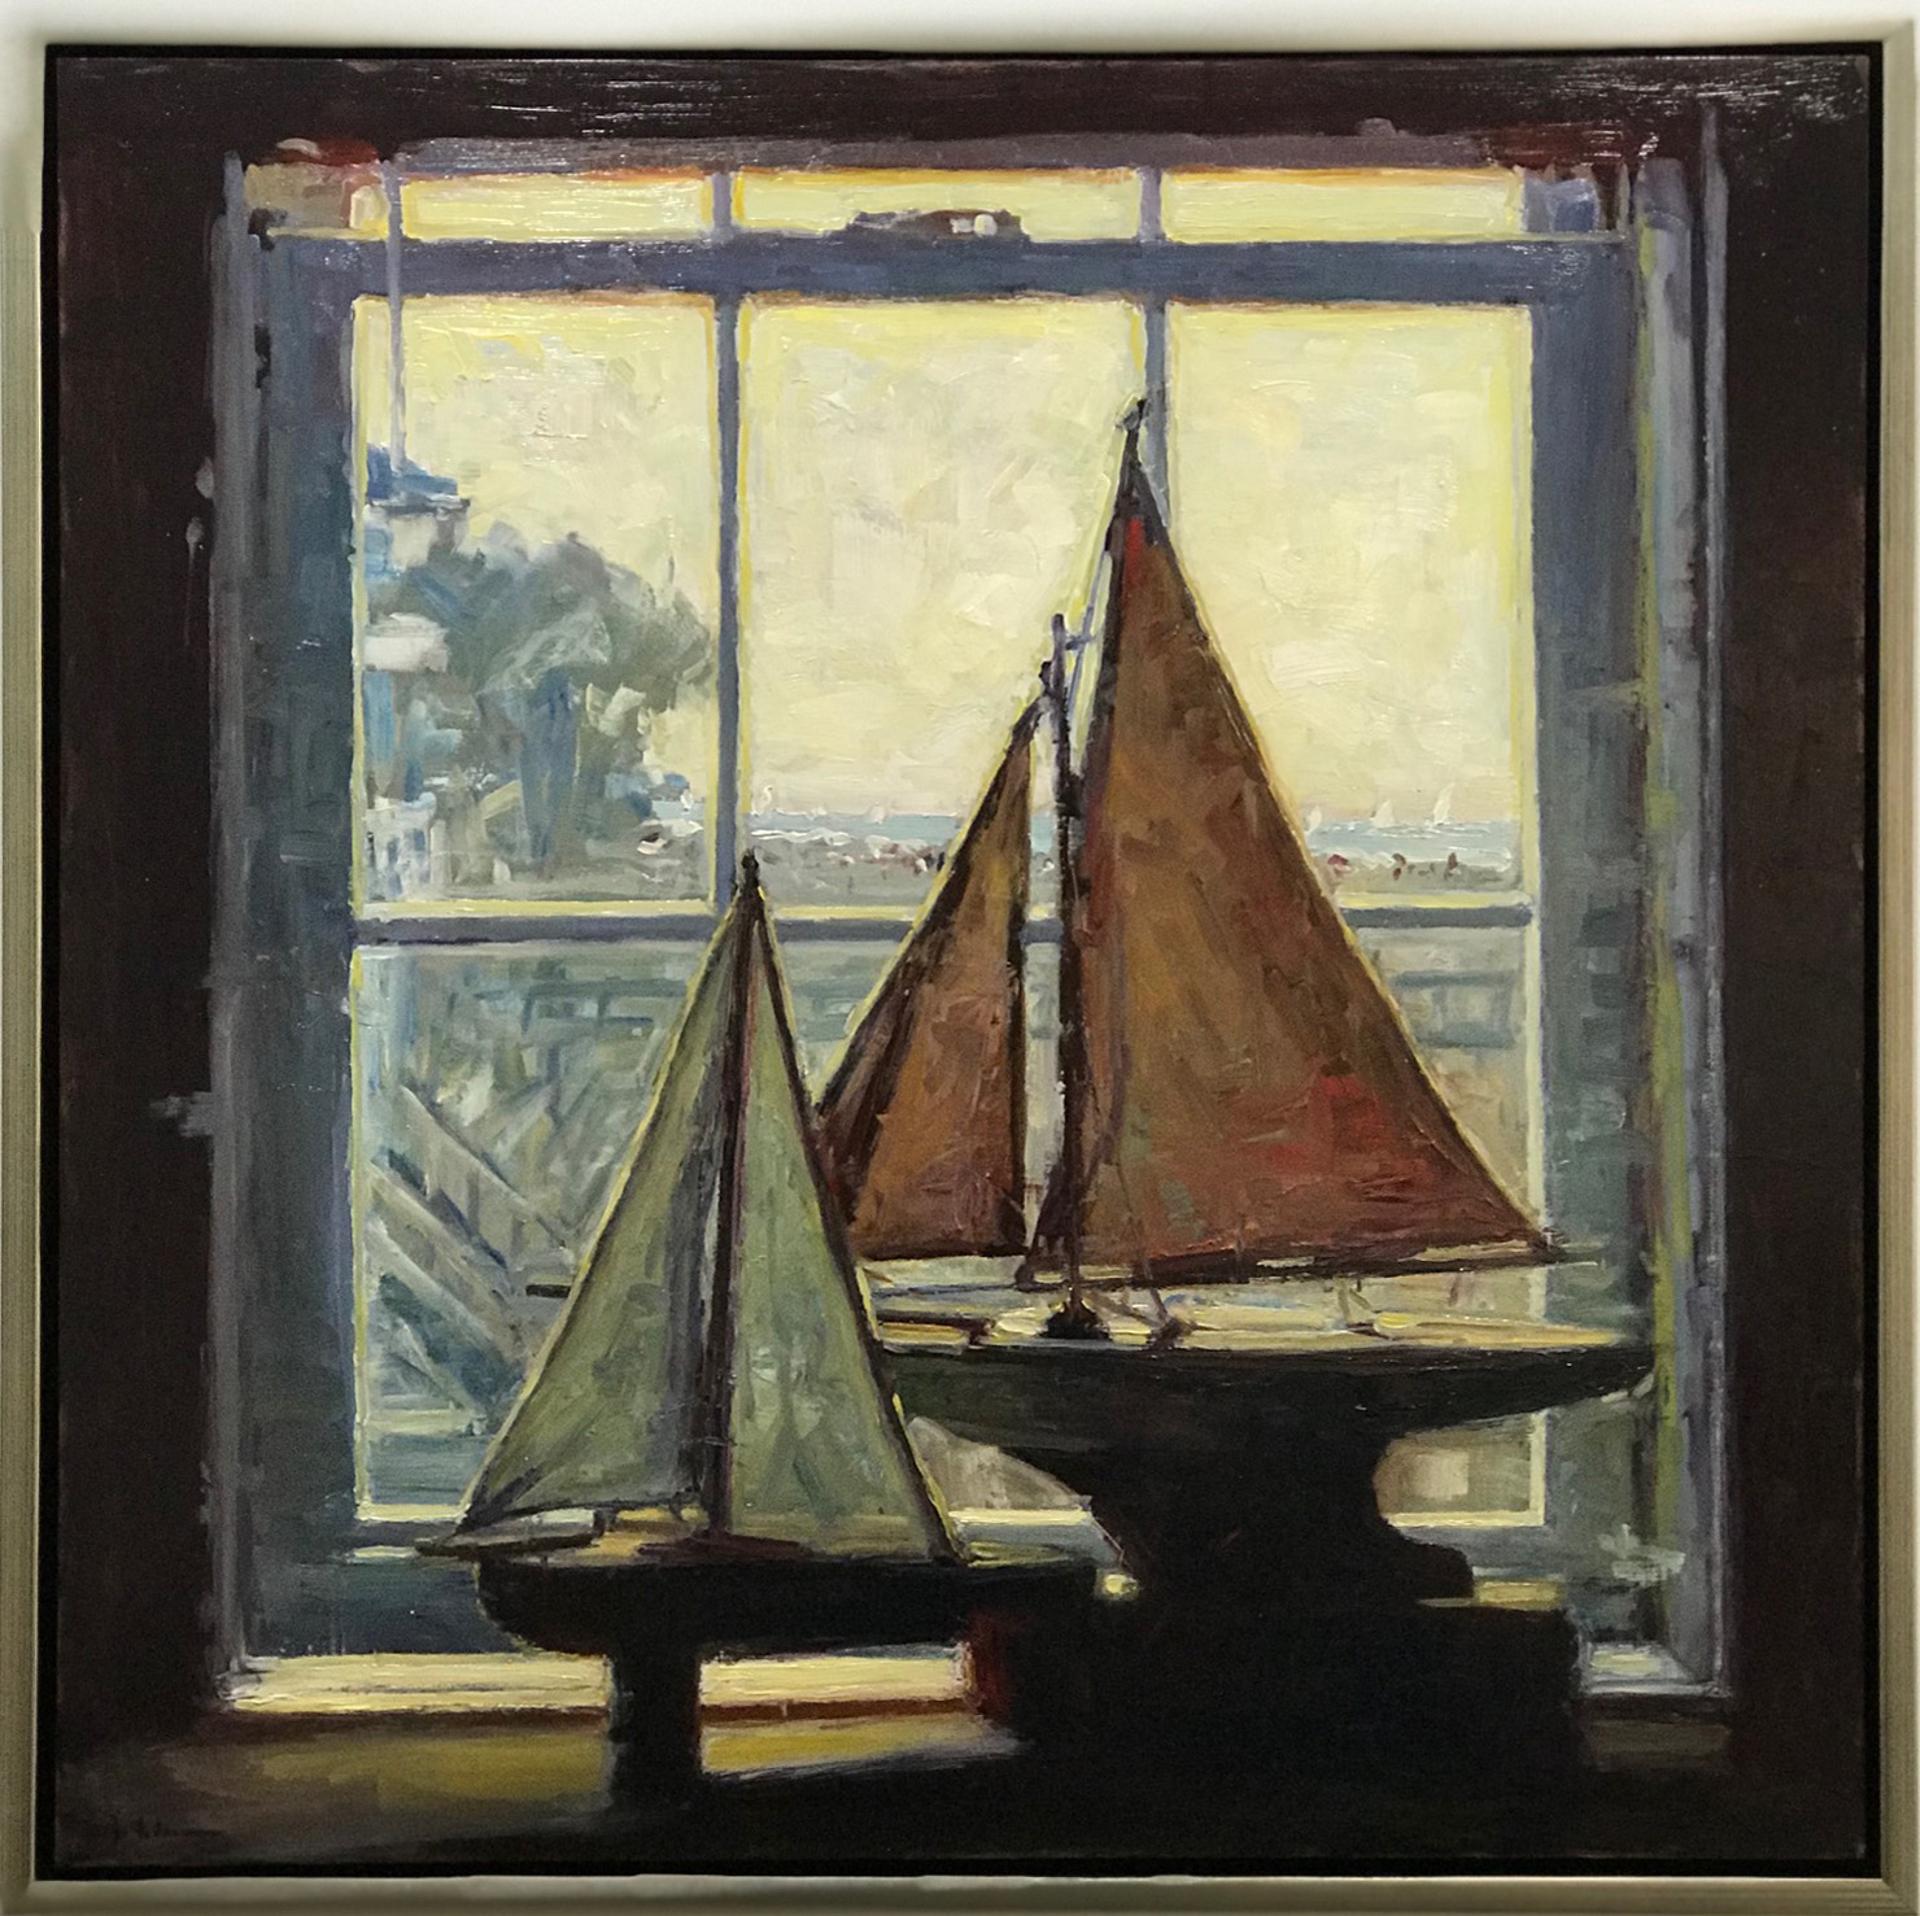 Boats in the Window by Brett Weaver